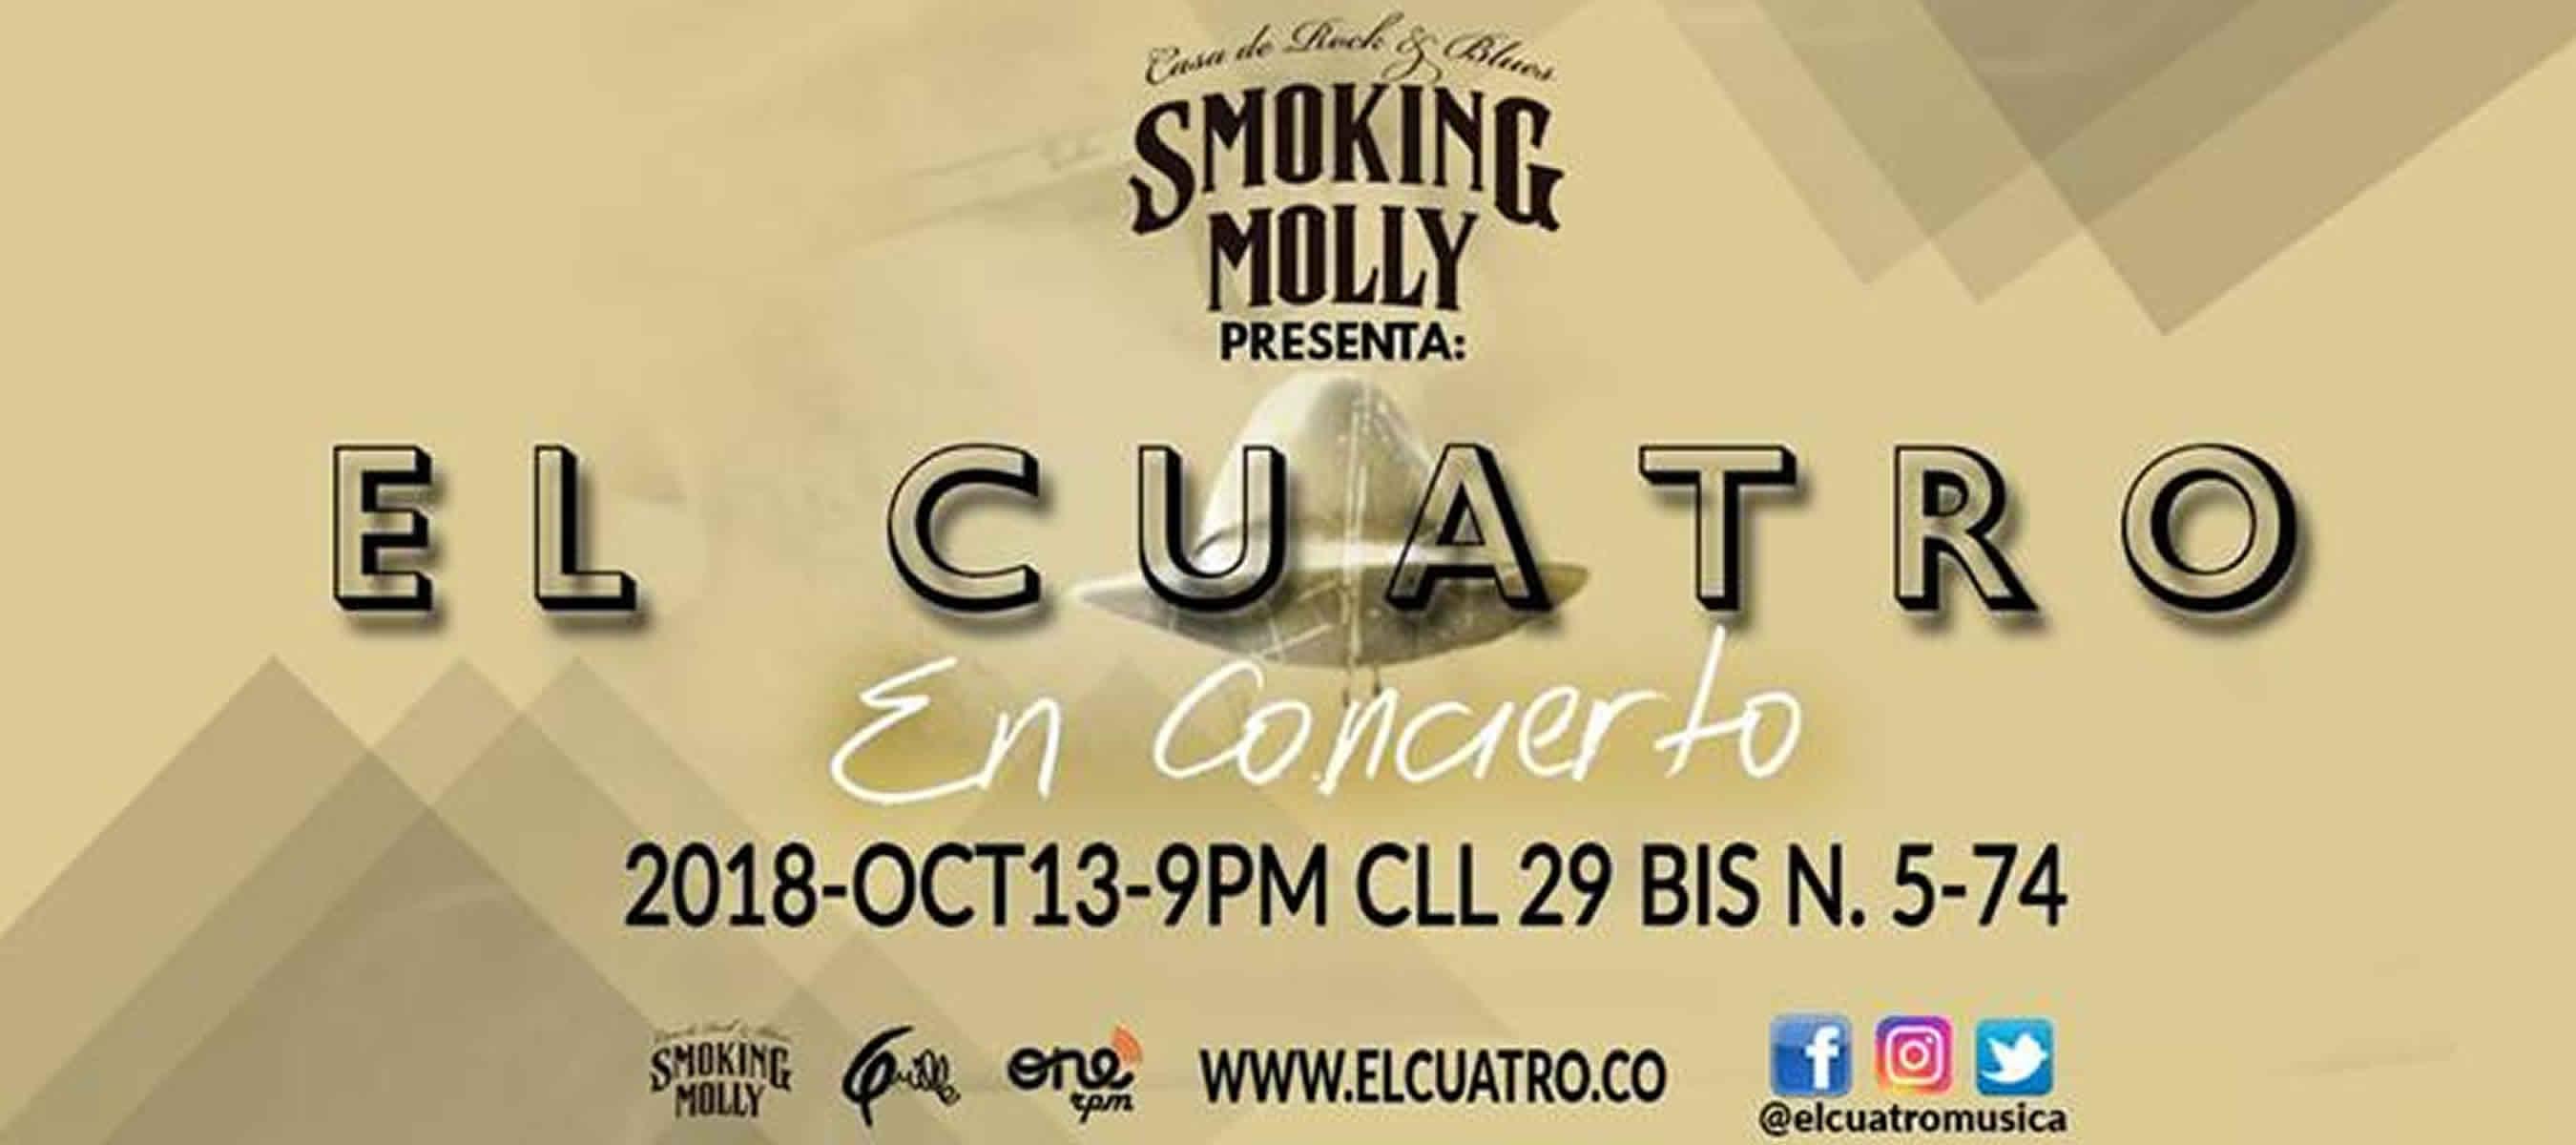 El  Cuarto - Smoking Molly